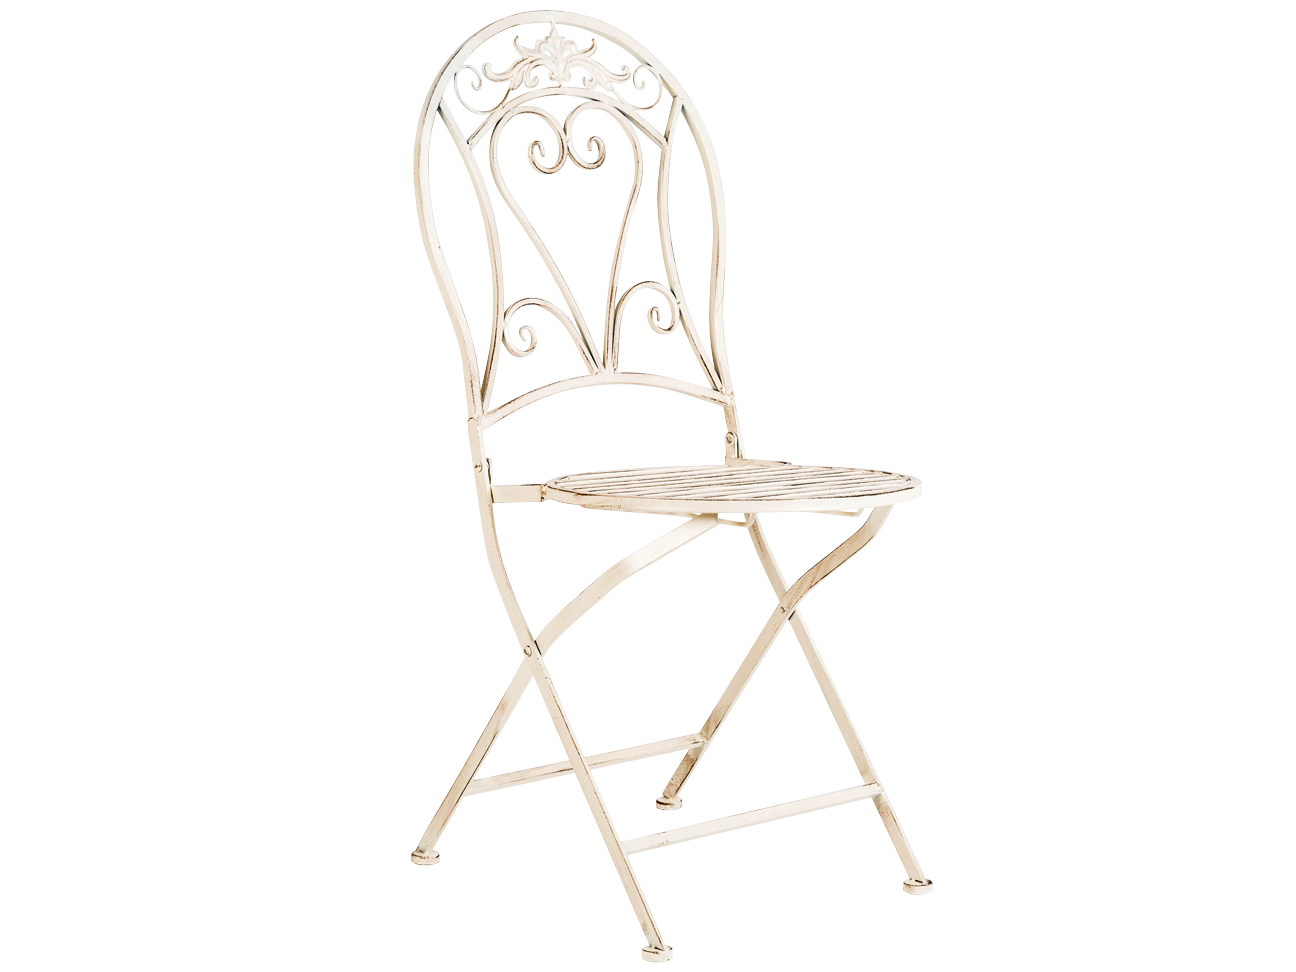 Складной стул «Шербур»Стулья для сада<br>Складные металлические стулья &amp;quot;Шербур&amp;quot; четко отвечают двум основным критериям выбора: комфортабельность и безупречный дизайн. В сочетании с одноименным столиком, комплект &amp;quot;Шербур&amp;quot; выделяется благородным европейским шармом, парадностью и исконной аристократичностью. Особое внимание привлекает узор спинки, сплетающийся в форму сердечка. Стул &amp;quot;Шербур&amp;quot; универсален для городских квартир и загородных домов, для помещений и садового парка. Конструкция максимально комфортабельна: стул складывается единым легким движением, в сложенном виде он компактен для хранения и легок для перемещений. Кованая мебель изготовлена из мягкой стали, игнорирующей ржавчину, влажность и температурные перепады. На открытом воздухе ей не страшны любые погодные.&amp;lt;div&amp;gt;&amp;lt;br&amp;gt;&amp;lt;div&amp;gt;&amp;lt;div&amp;gt;&amp;lt;iframe width=&amp;quot;530&amp;quot; height=&amp;quot;360&amp;quot; src=&amp;quot;https://www.youtube.com/embed/R8wfCIdJsYg&amp;quot; frameborder=&amp;quot;0&amp;quot; allowfullscreen=&amp;quot;&amp;quot;&amp;gt;&amp;lt;/iframe&amp;gt;&amp;lt;/div&amp;gt;&amp;lt;/div&amp;gt;&amp;lt;/div&amp;gt;<br><br>Material: Металл<br>Ширина см: 40.0<br>Высота см: 92.0<br>Глубина см: 40.0